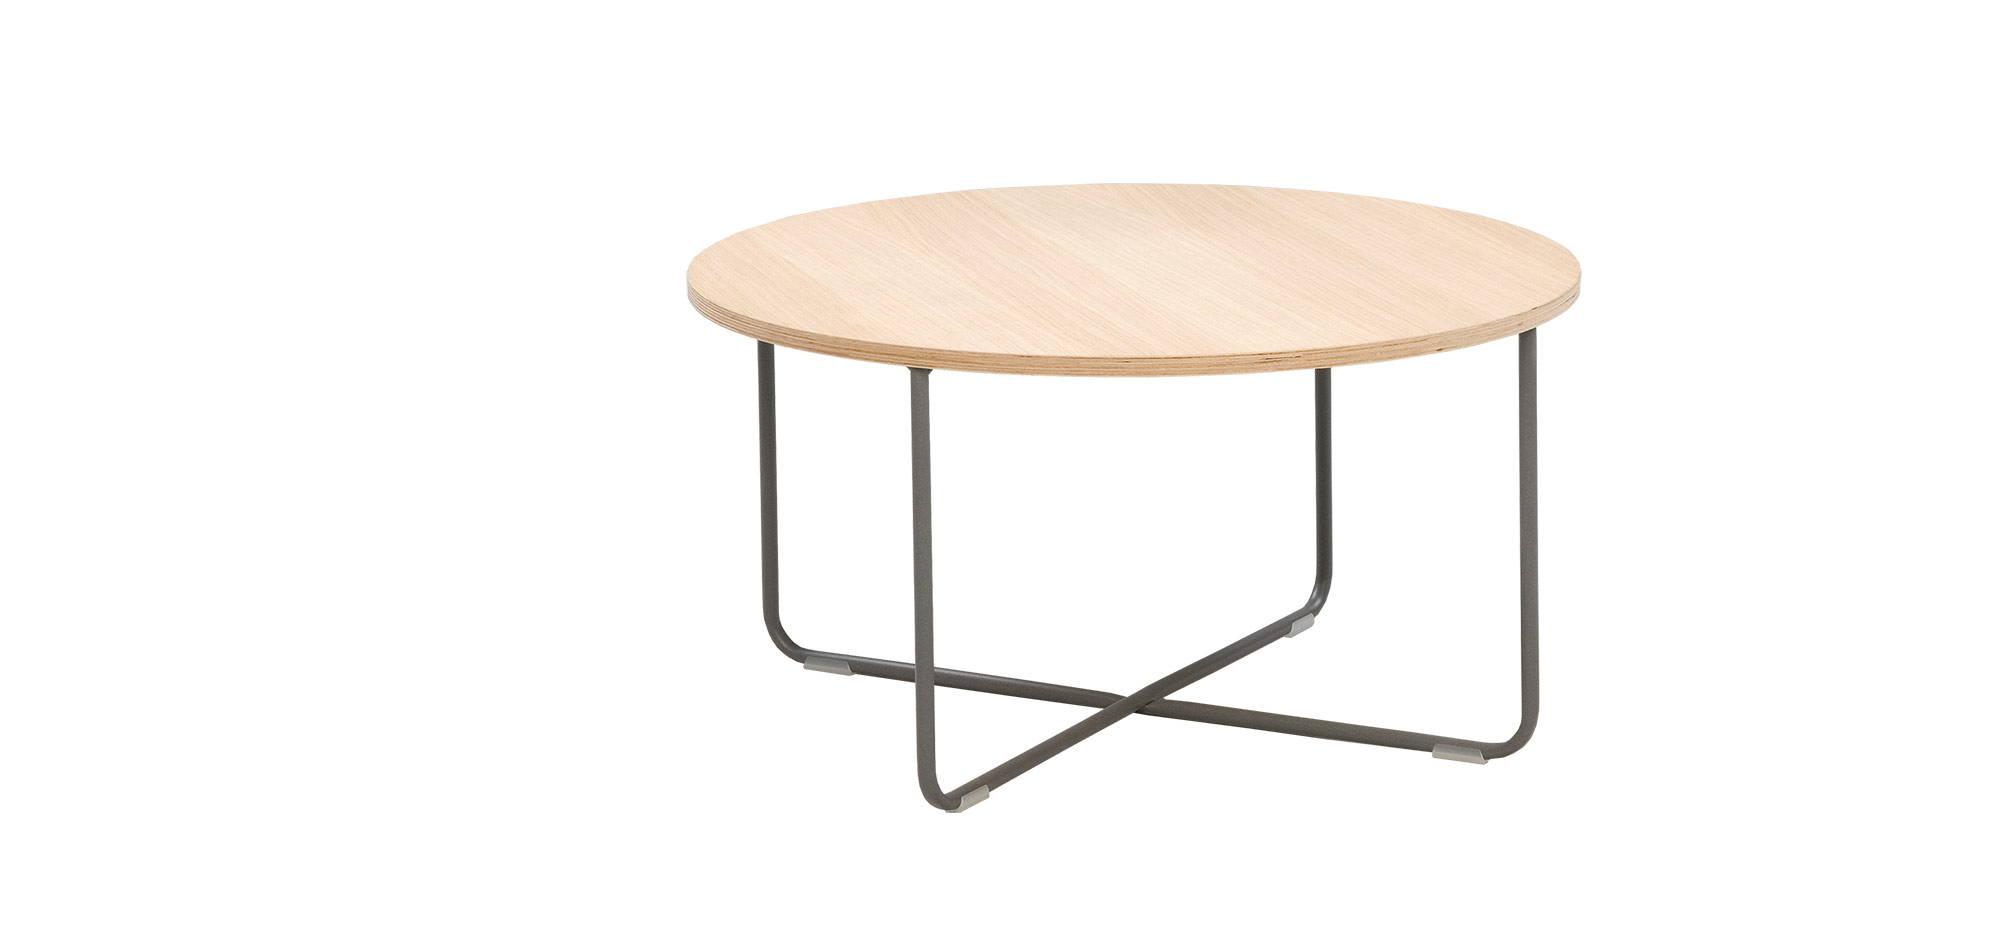 Nordic-sohvapöytä, tamminen kansi. HT Collection